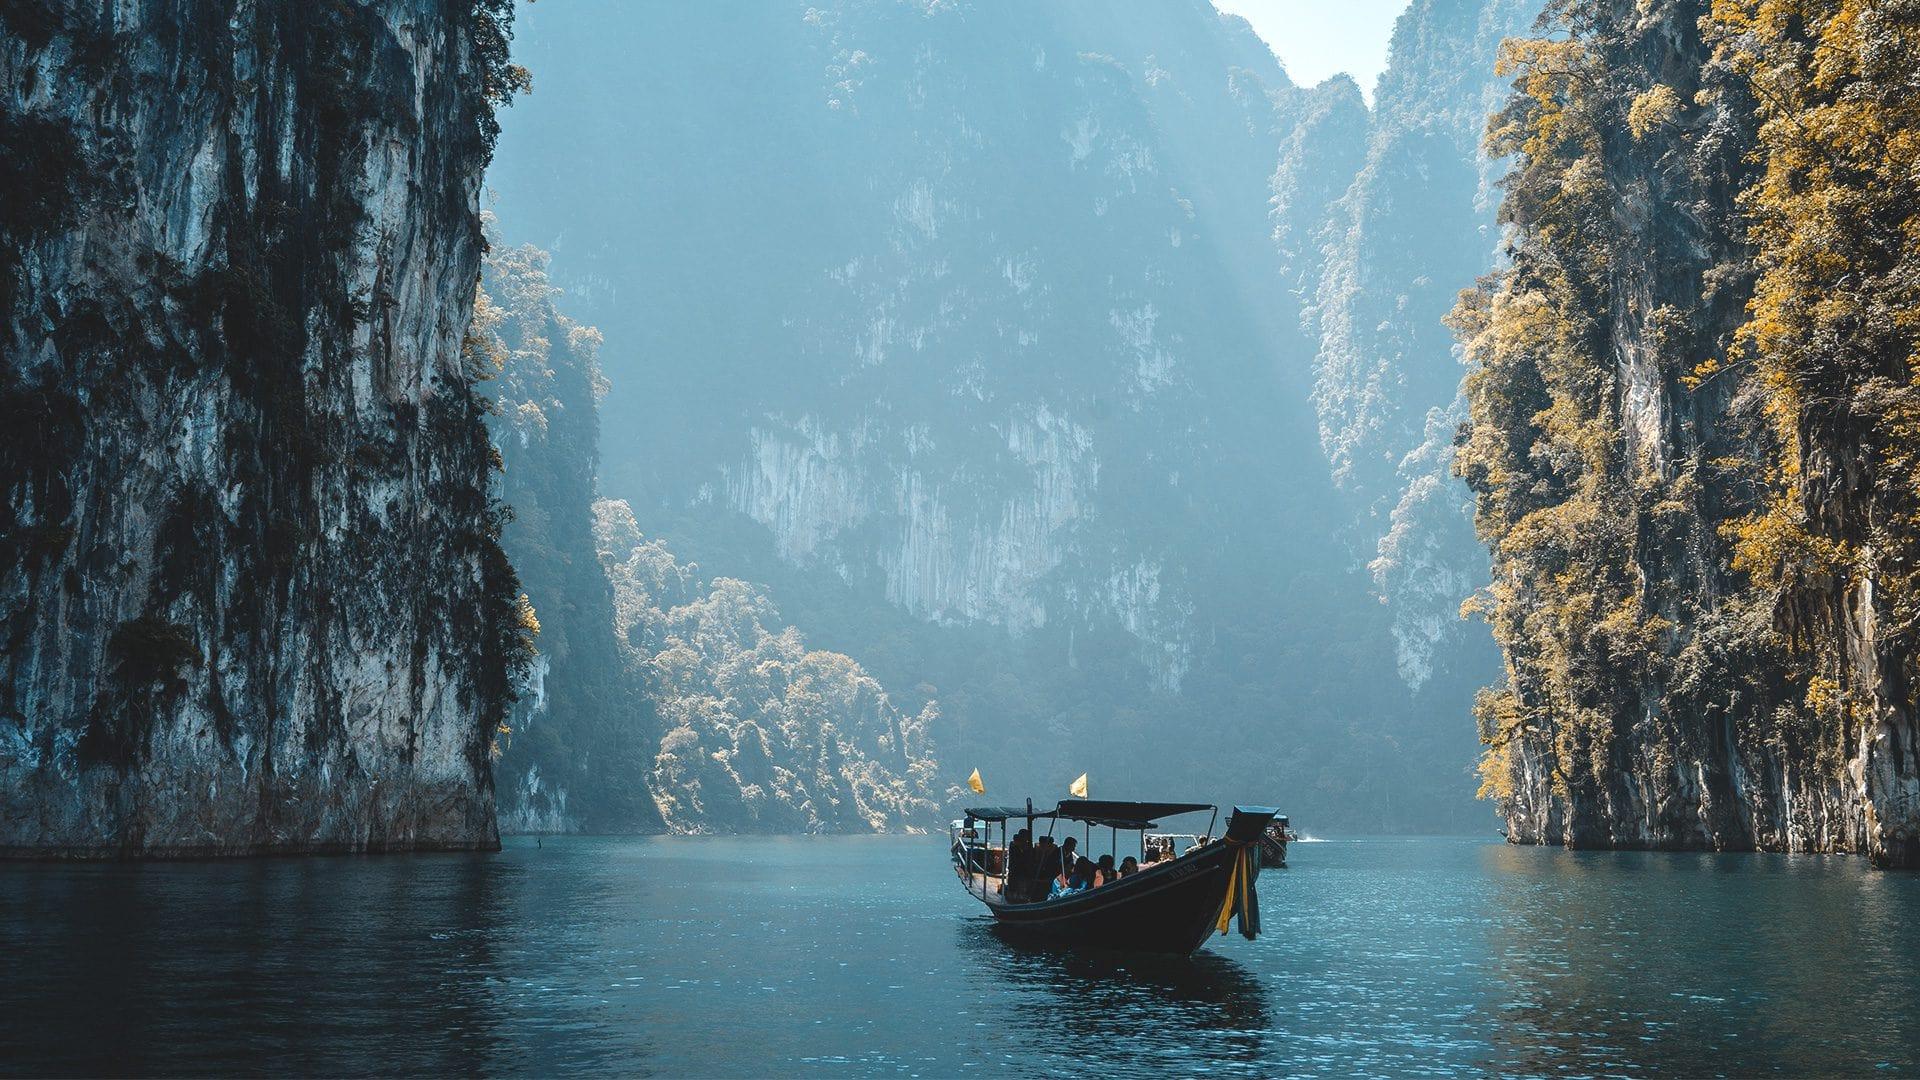 Experiencias tailandesas | Rojo Cangrejo Blog de Viajes